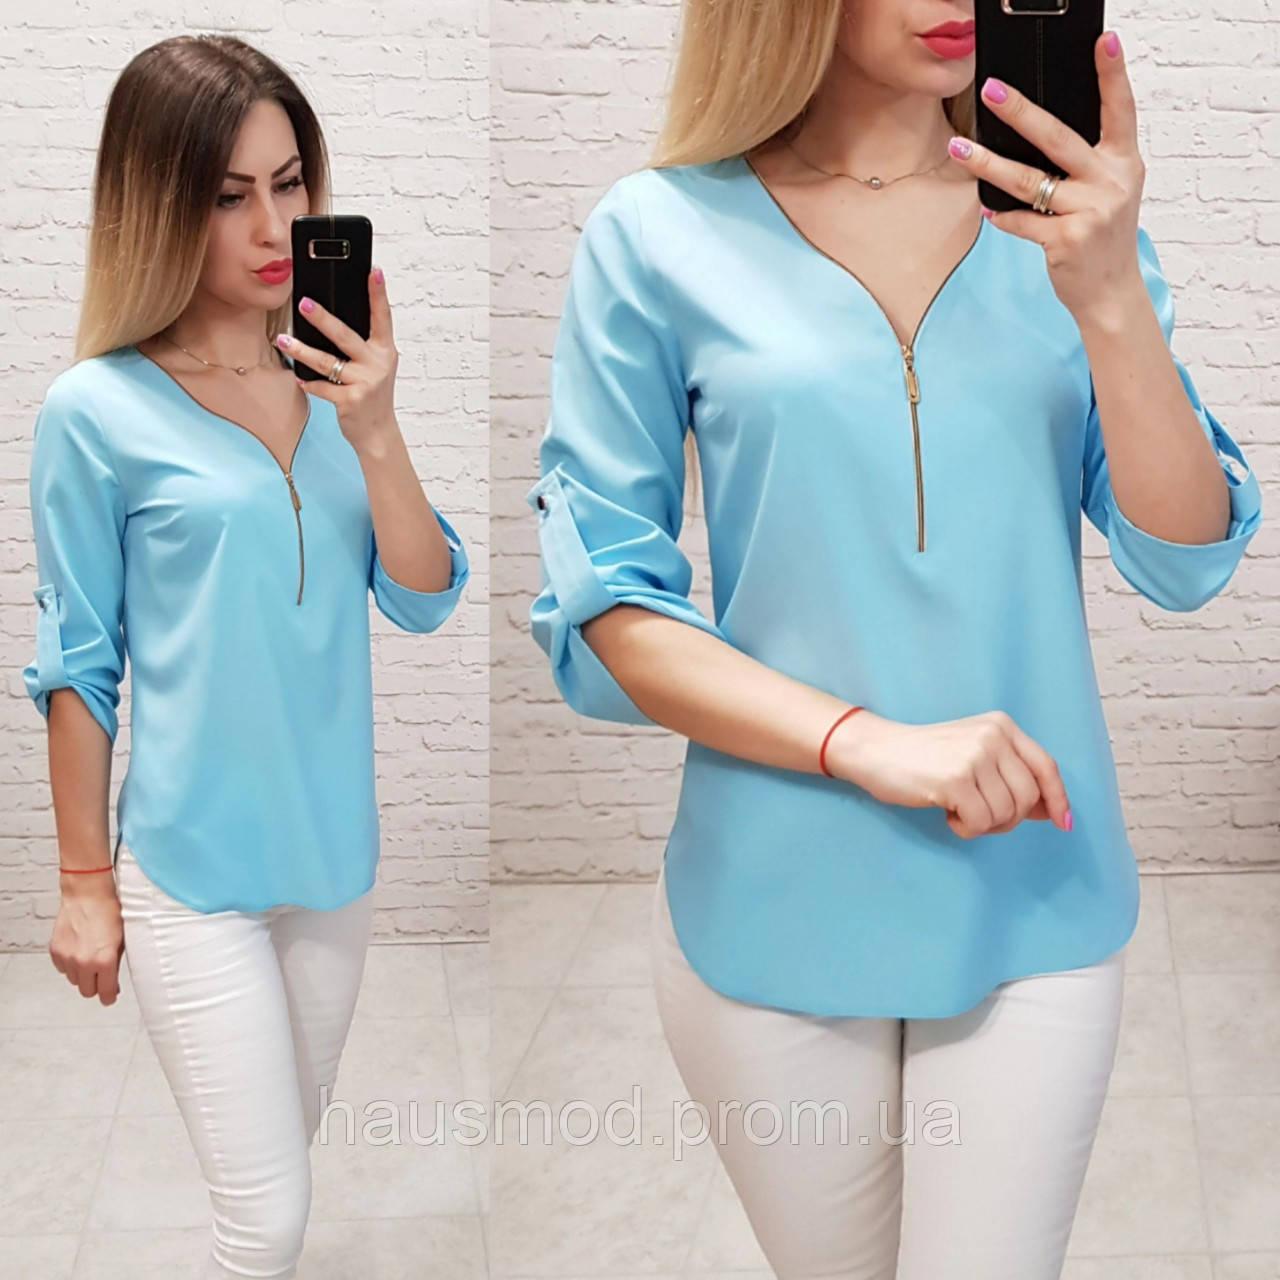 Женская блуза на молнии рукав 3/4 ткань софт цвет голубой